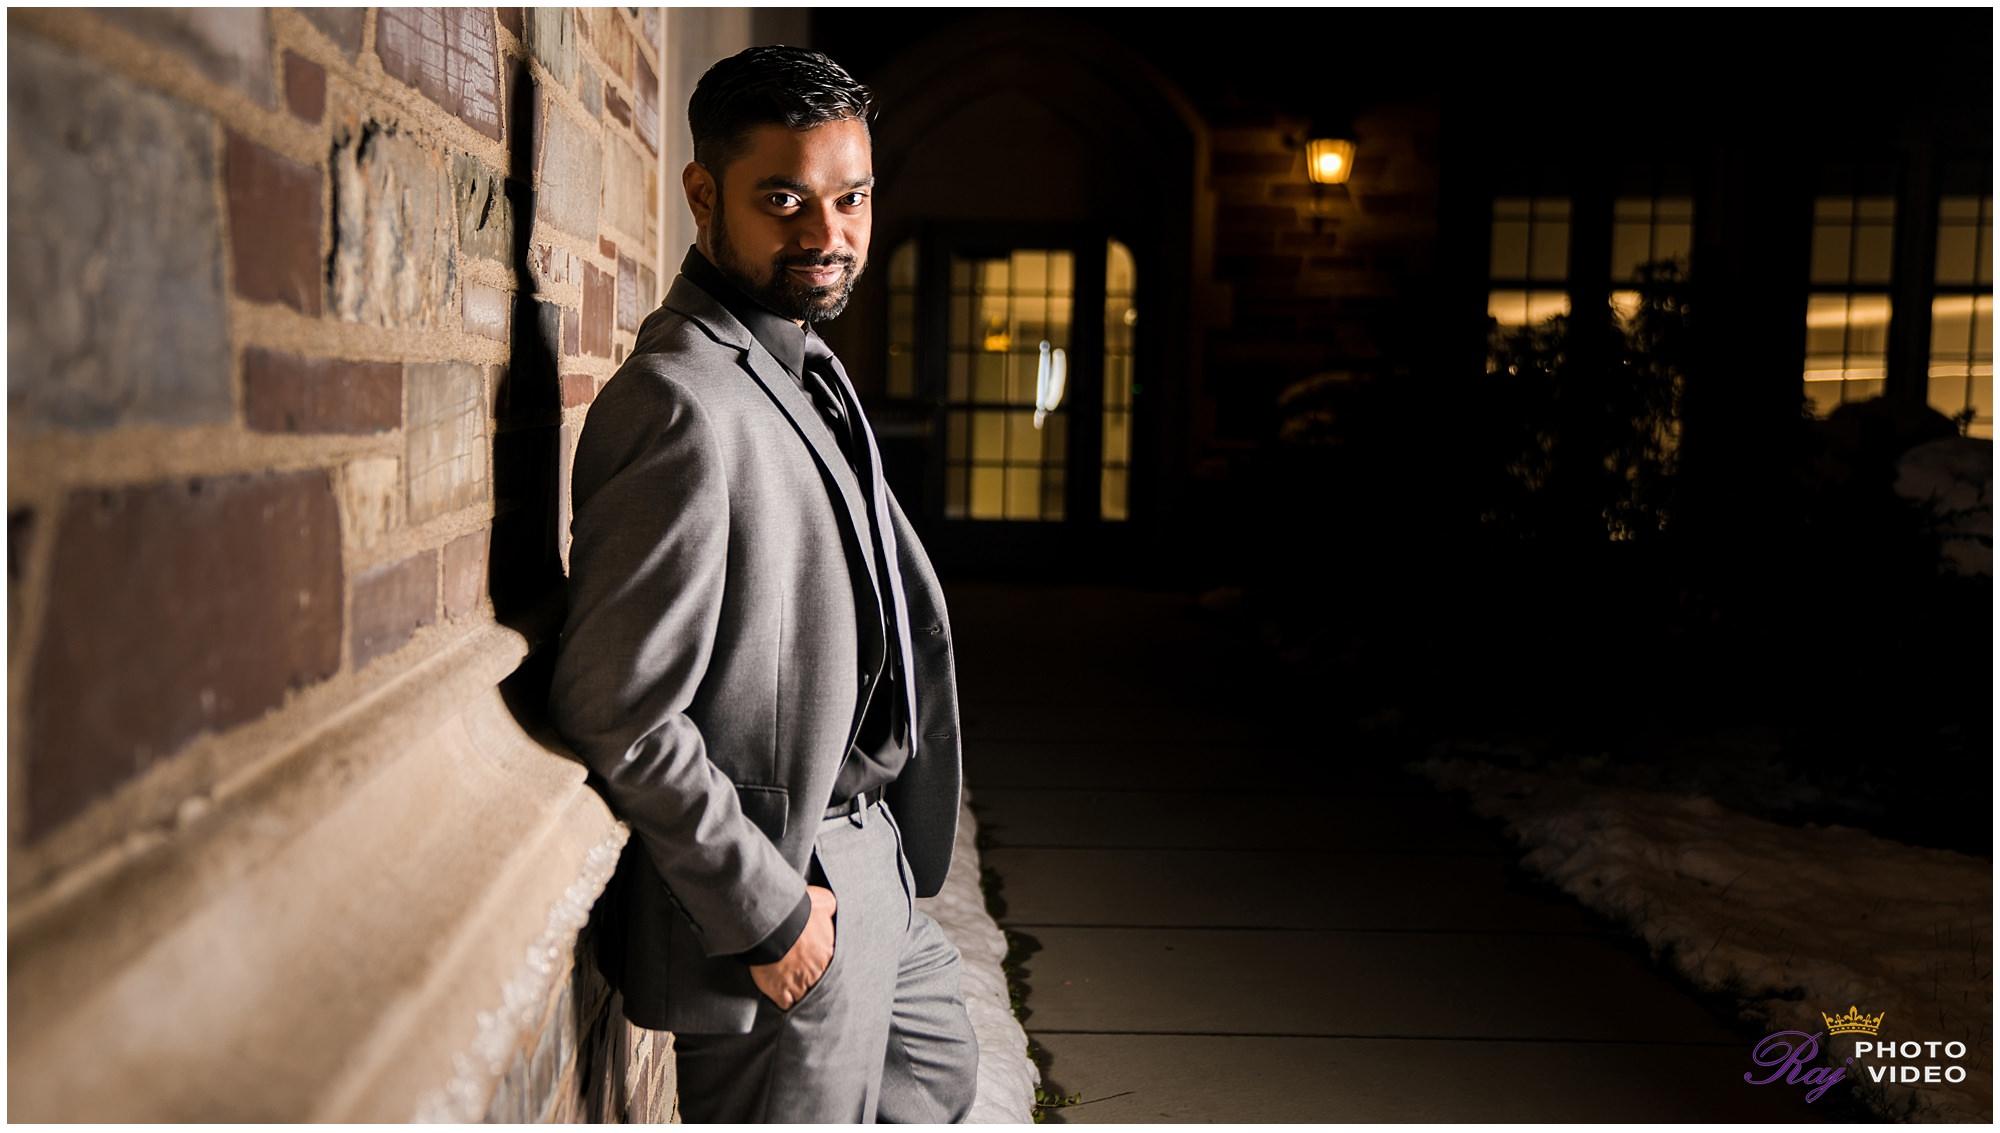 Princeton-University-Princeton-NJ-Engagement-Shoot-Krishna-Ritesh-20_Raj_Photo_Video.jpg